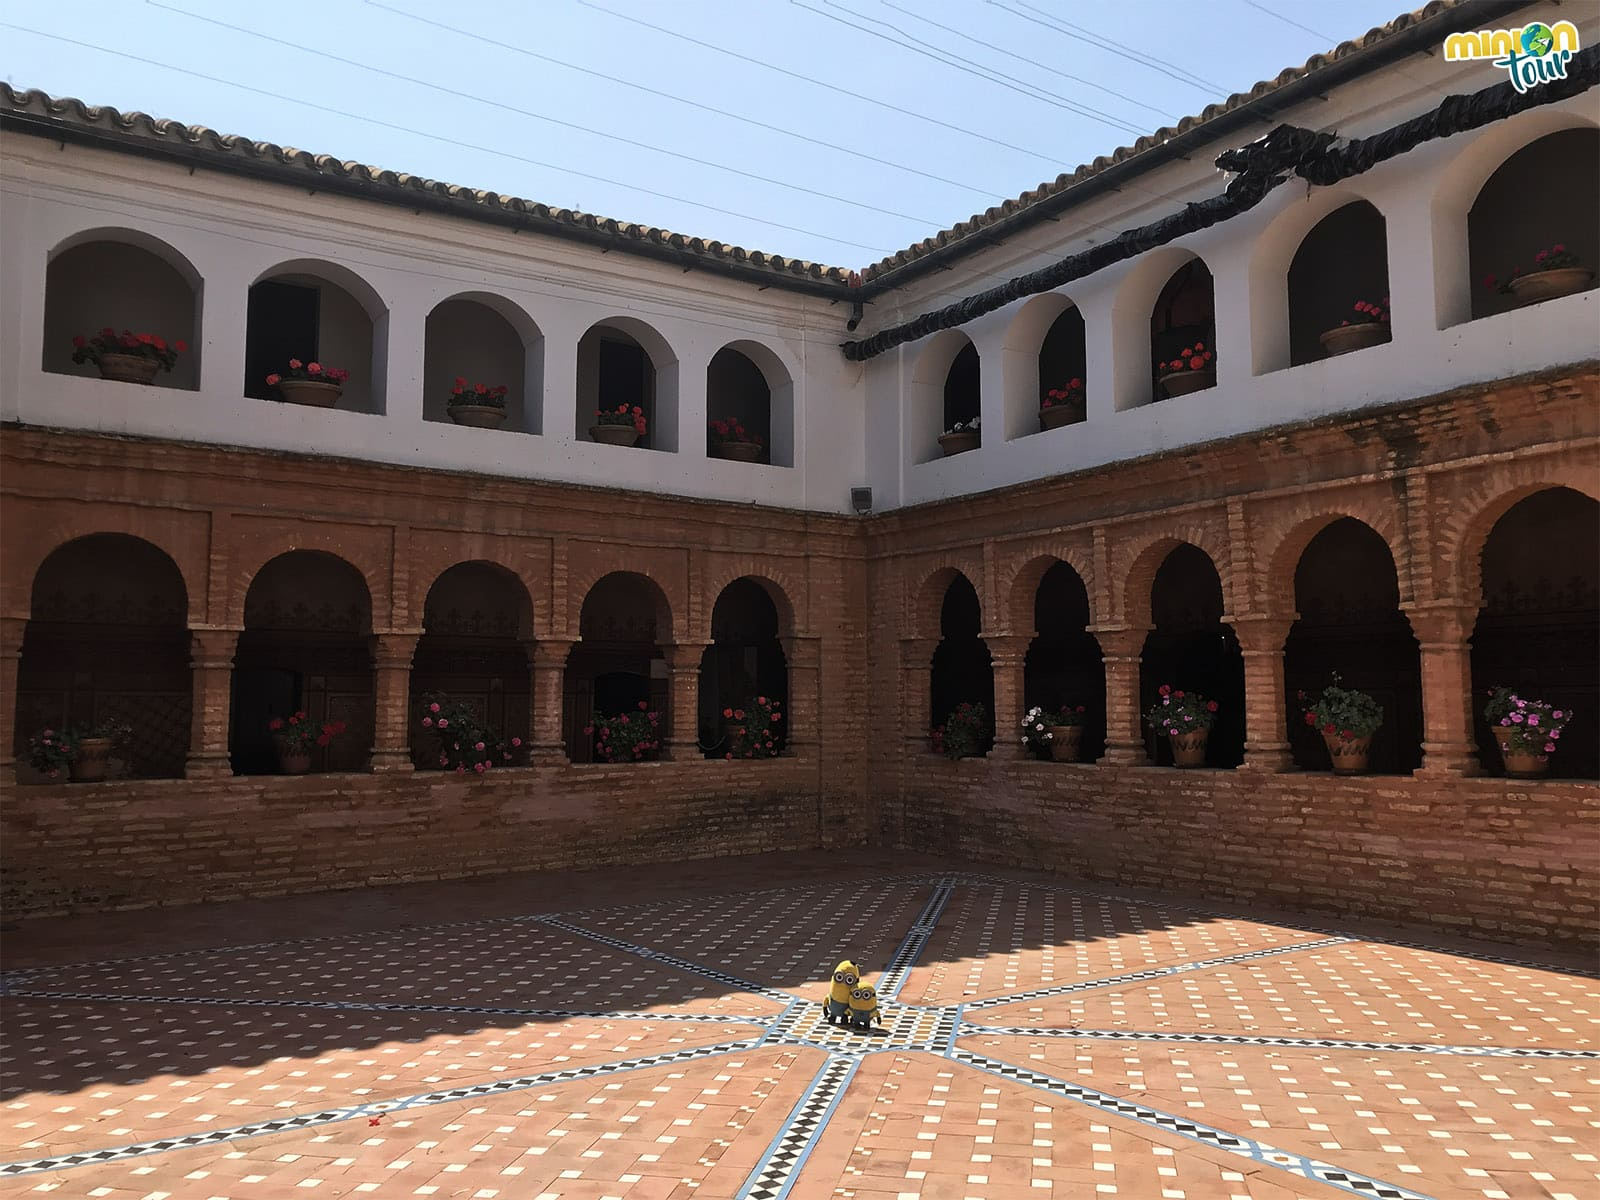 En el centro del claustro, uno de los Lugares Colombinos